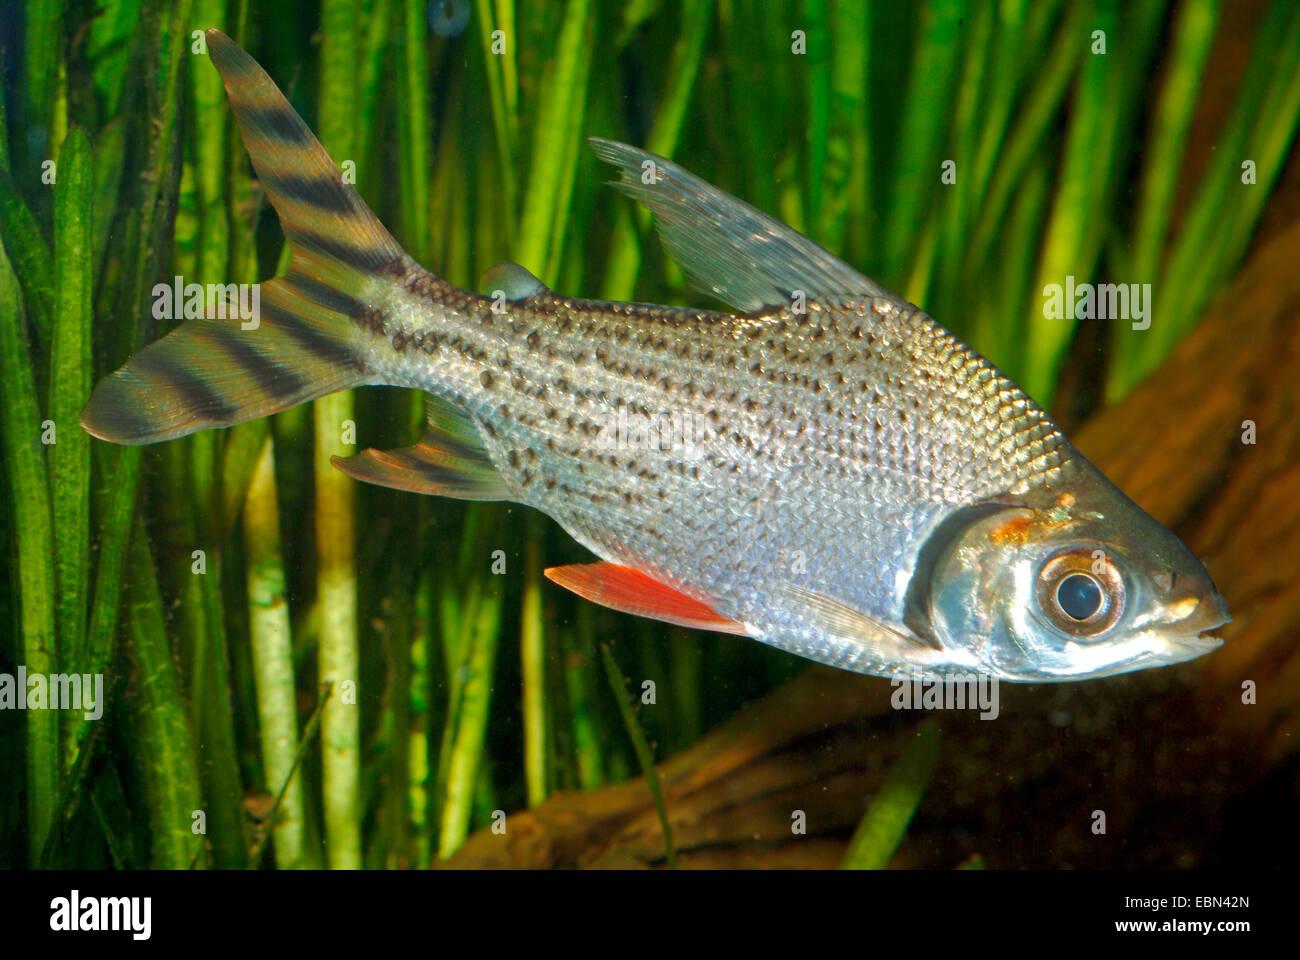 Prochilodus couleur, argent (Prochilodus Semaprochilodus taeniurus), natation Photo Stock